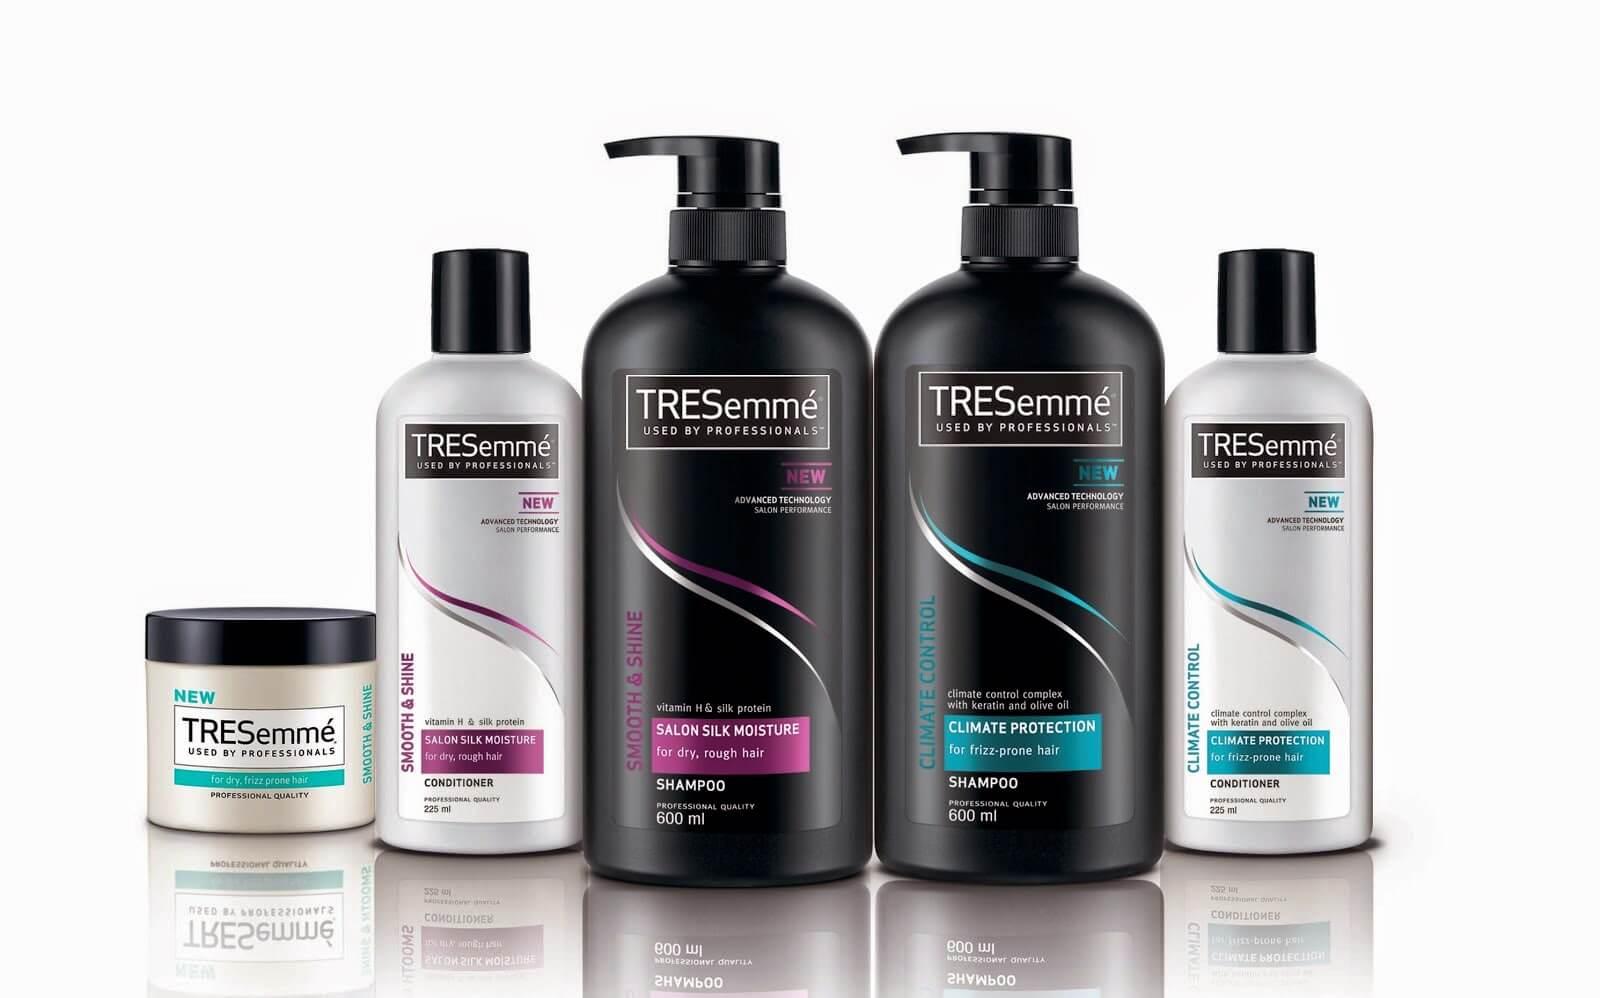 Produtos para cabelo TRESemmé em Miami